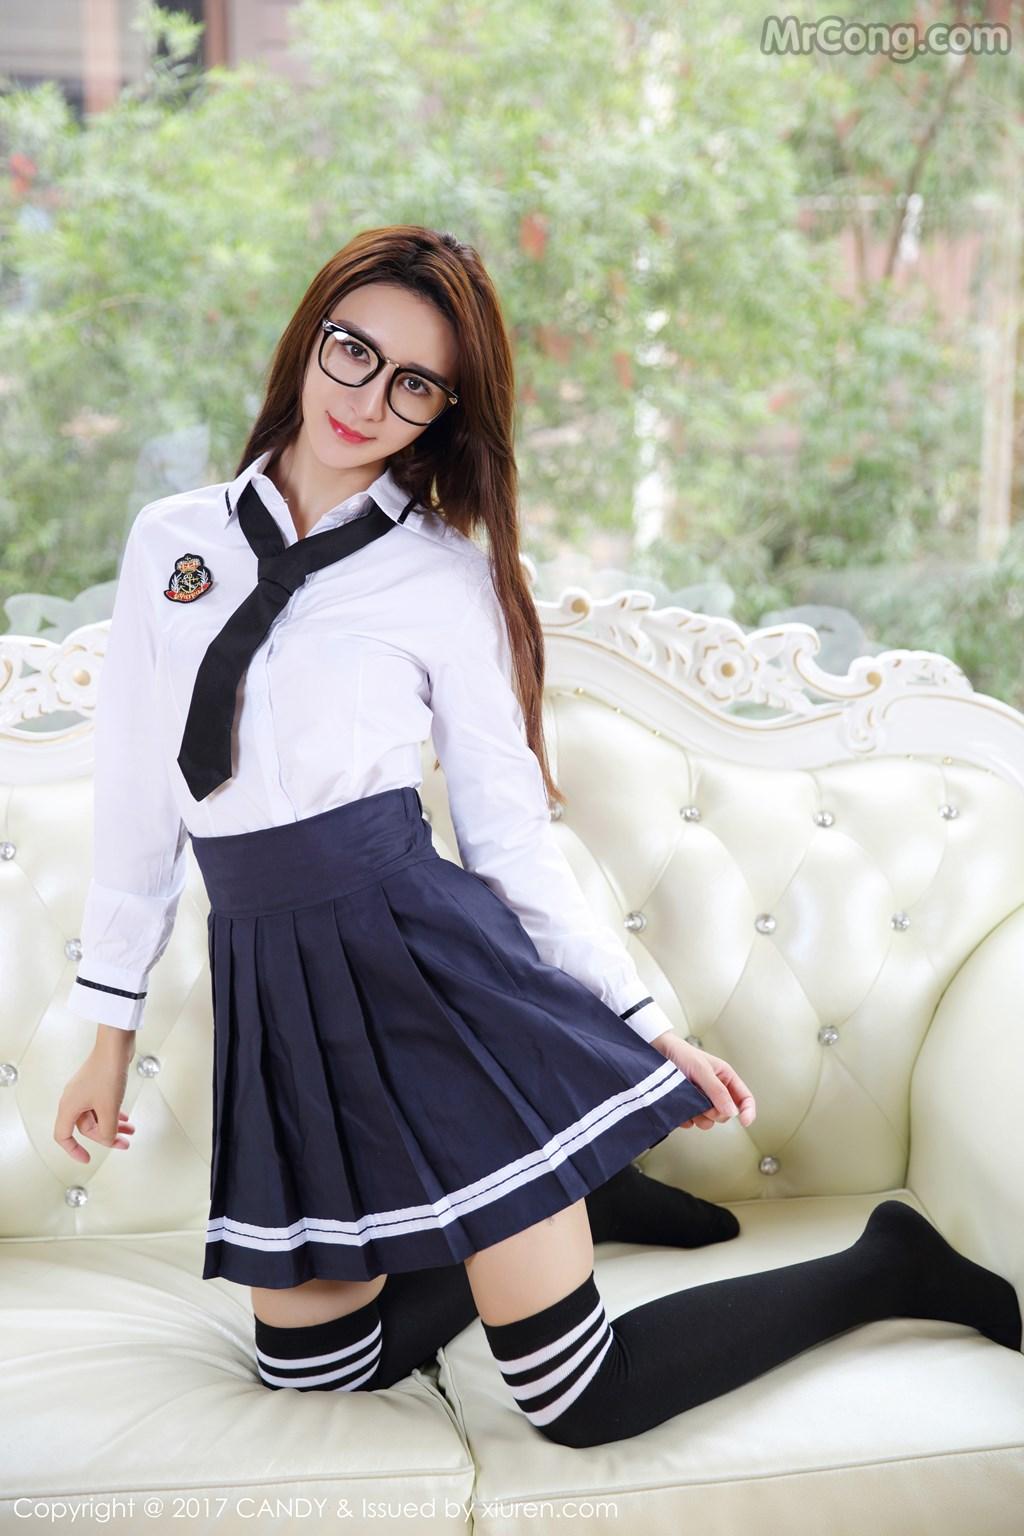 Image CANDY-2017-04-28-Vol.020-Yi-Li-Na-MrCong.com-003 in post CANDY Vol.020: Người mẫu Yi Li Na (伊莉娜) (59 ảnh)